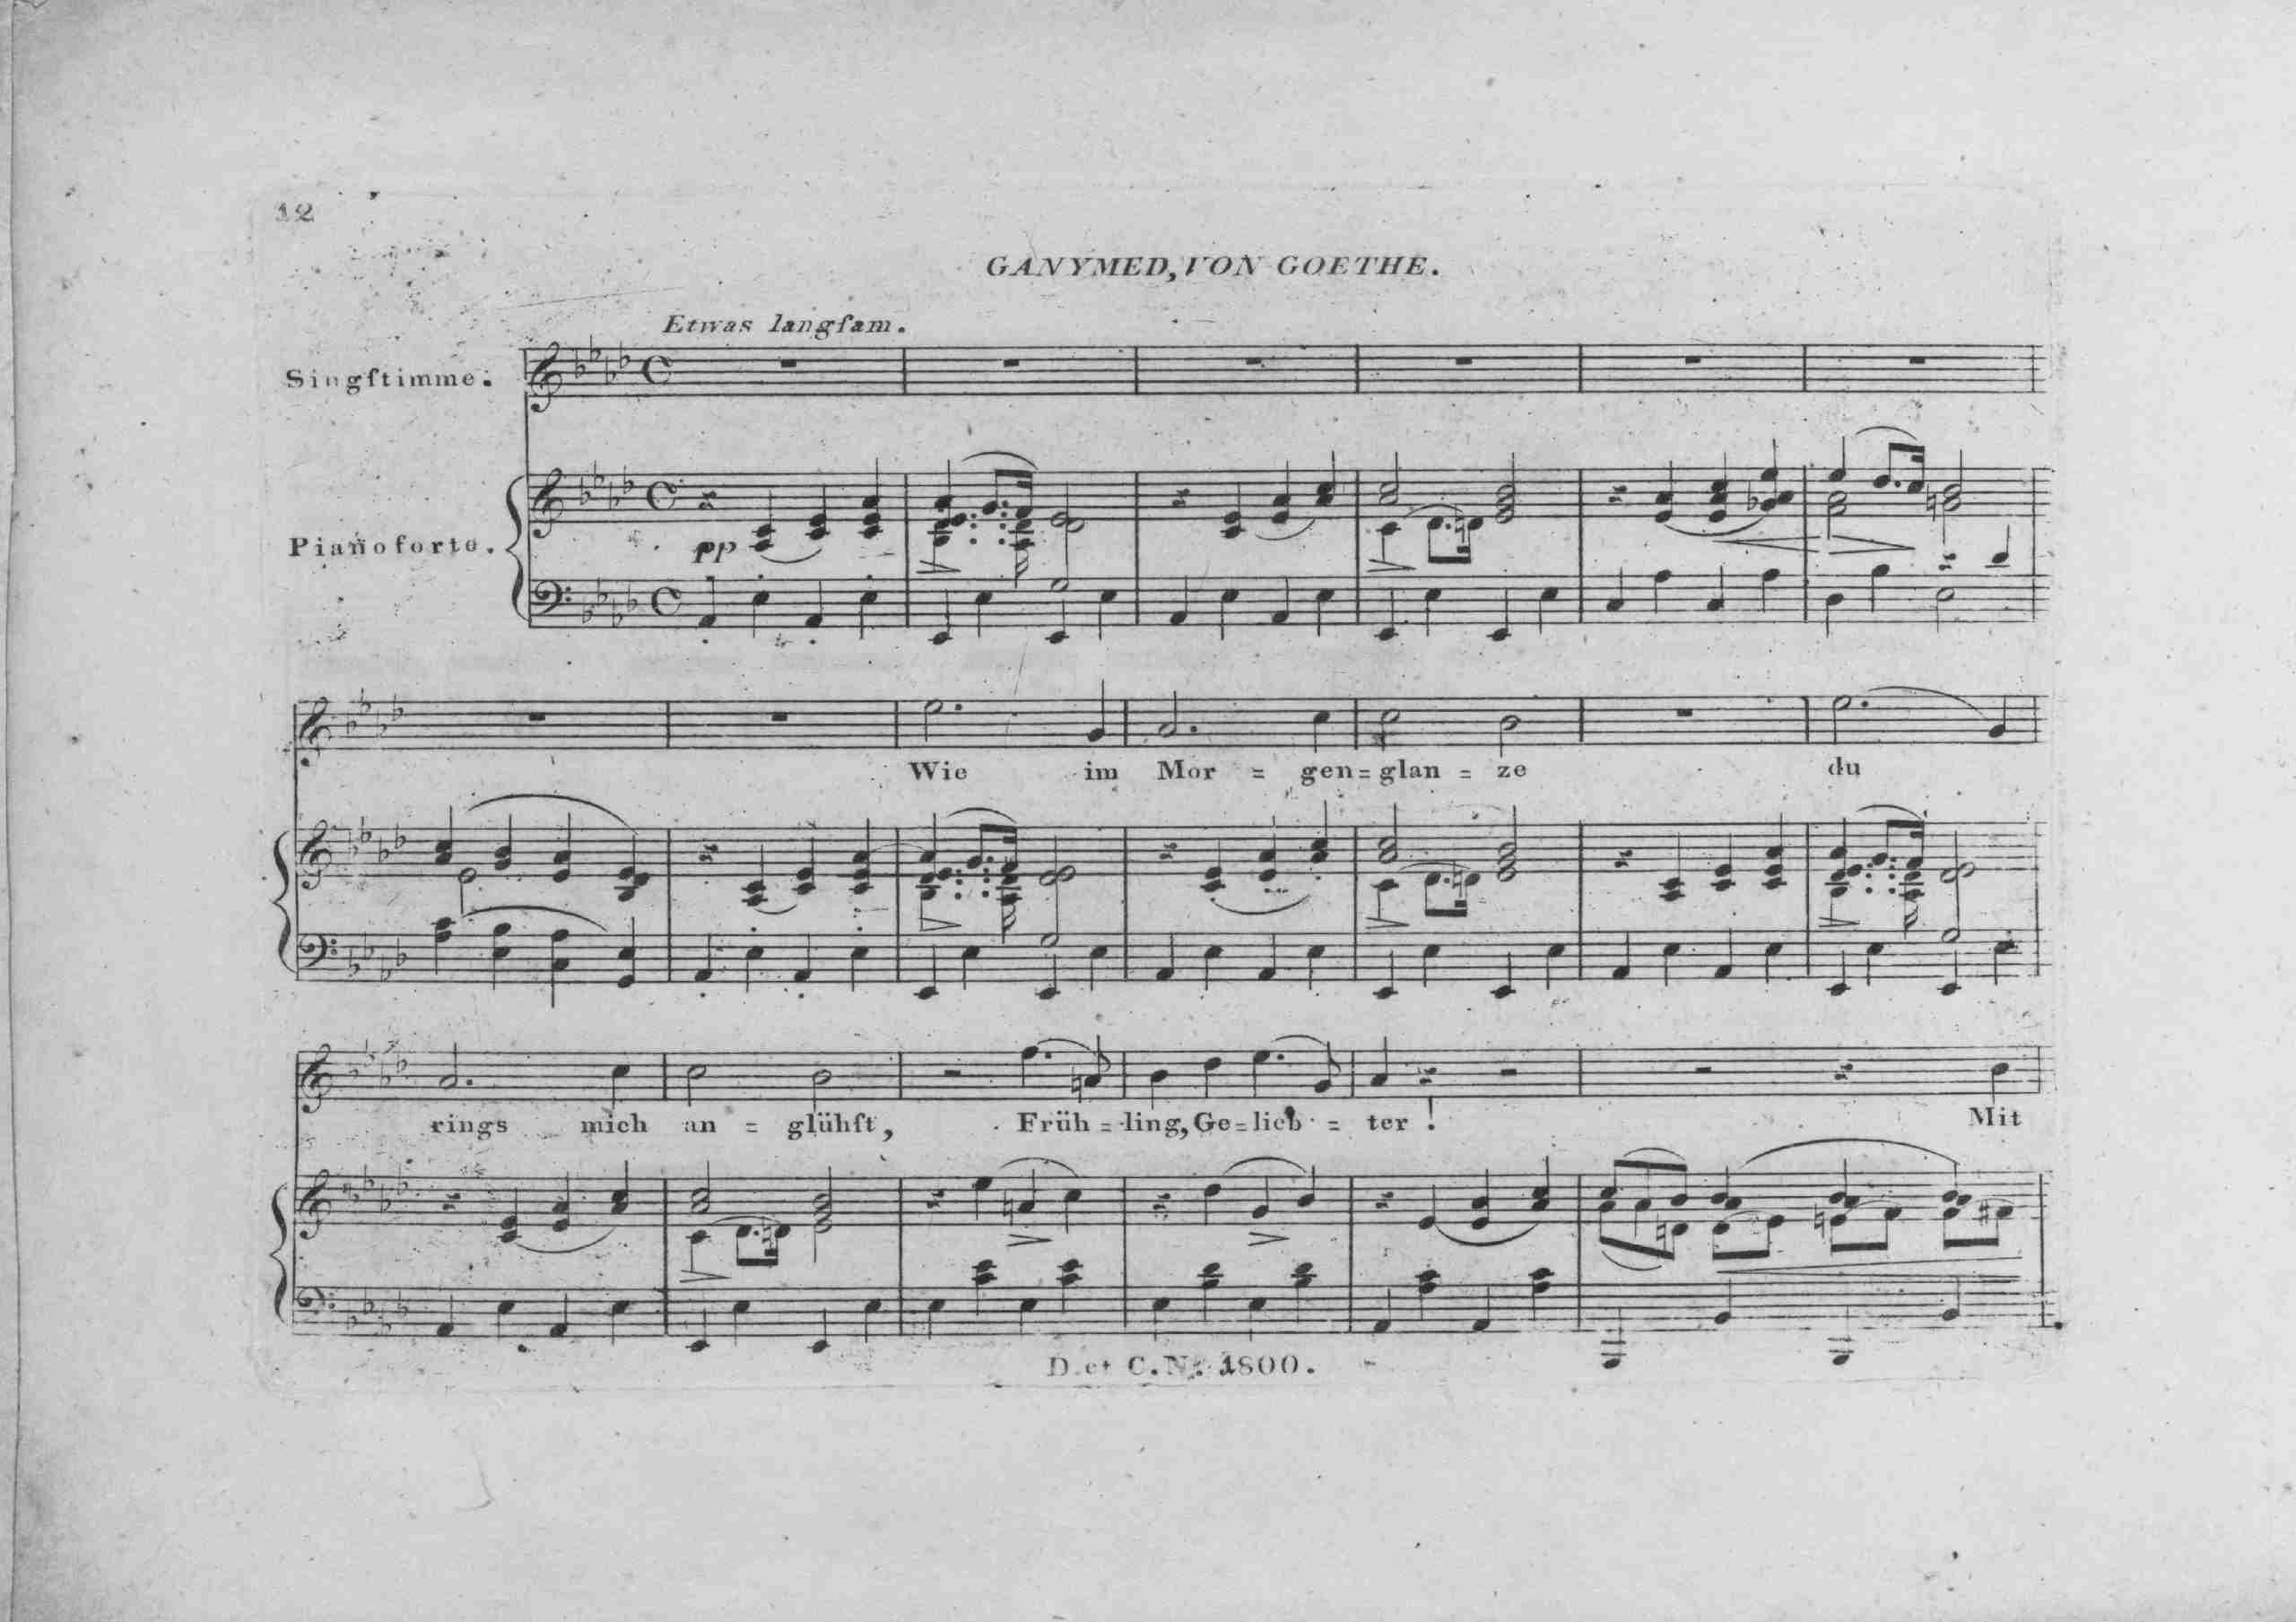 Schubert, Franz - Ganymed, D.544